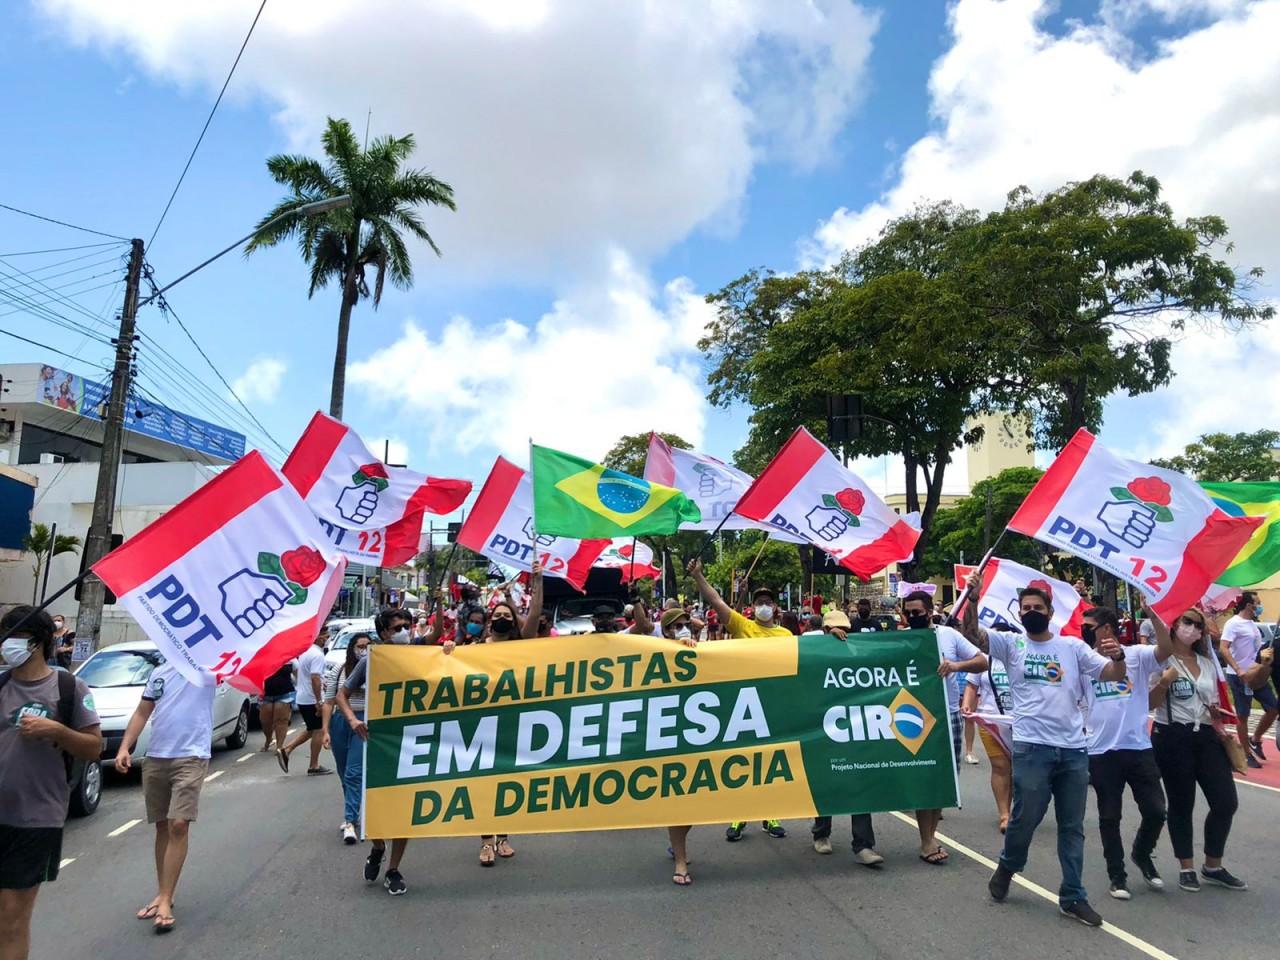 WhatsApp Image 2021 10 02 at 14.40.44 - 'Ciristas' participam de ato contra Bolsonaro e defendem 'terceira via' em João Pessoa; VEJA VÍDEO